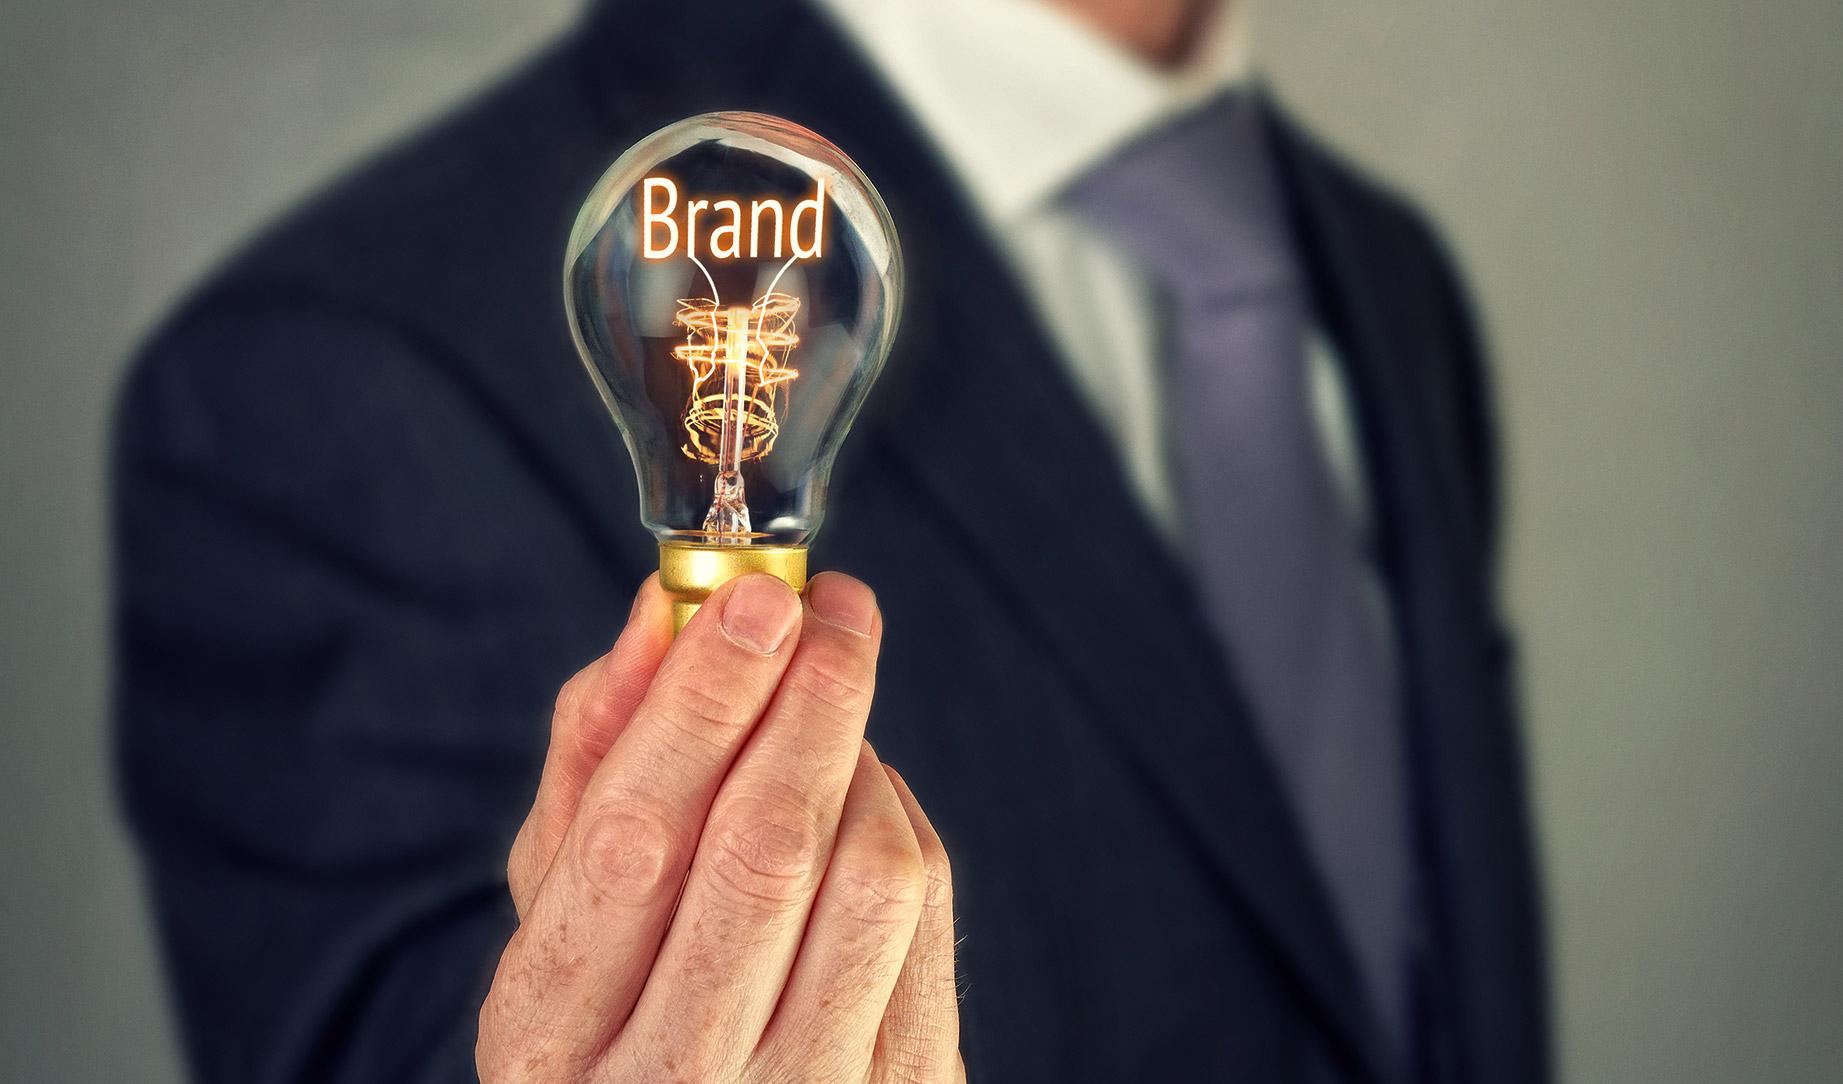 راهکاری برای ثبت شرکت، برند و کارت بازرگانی به صورت هم زمان